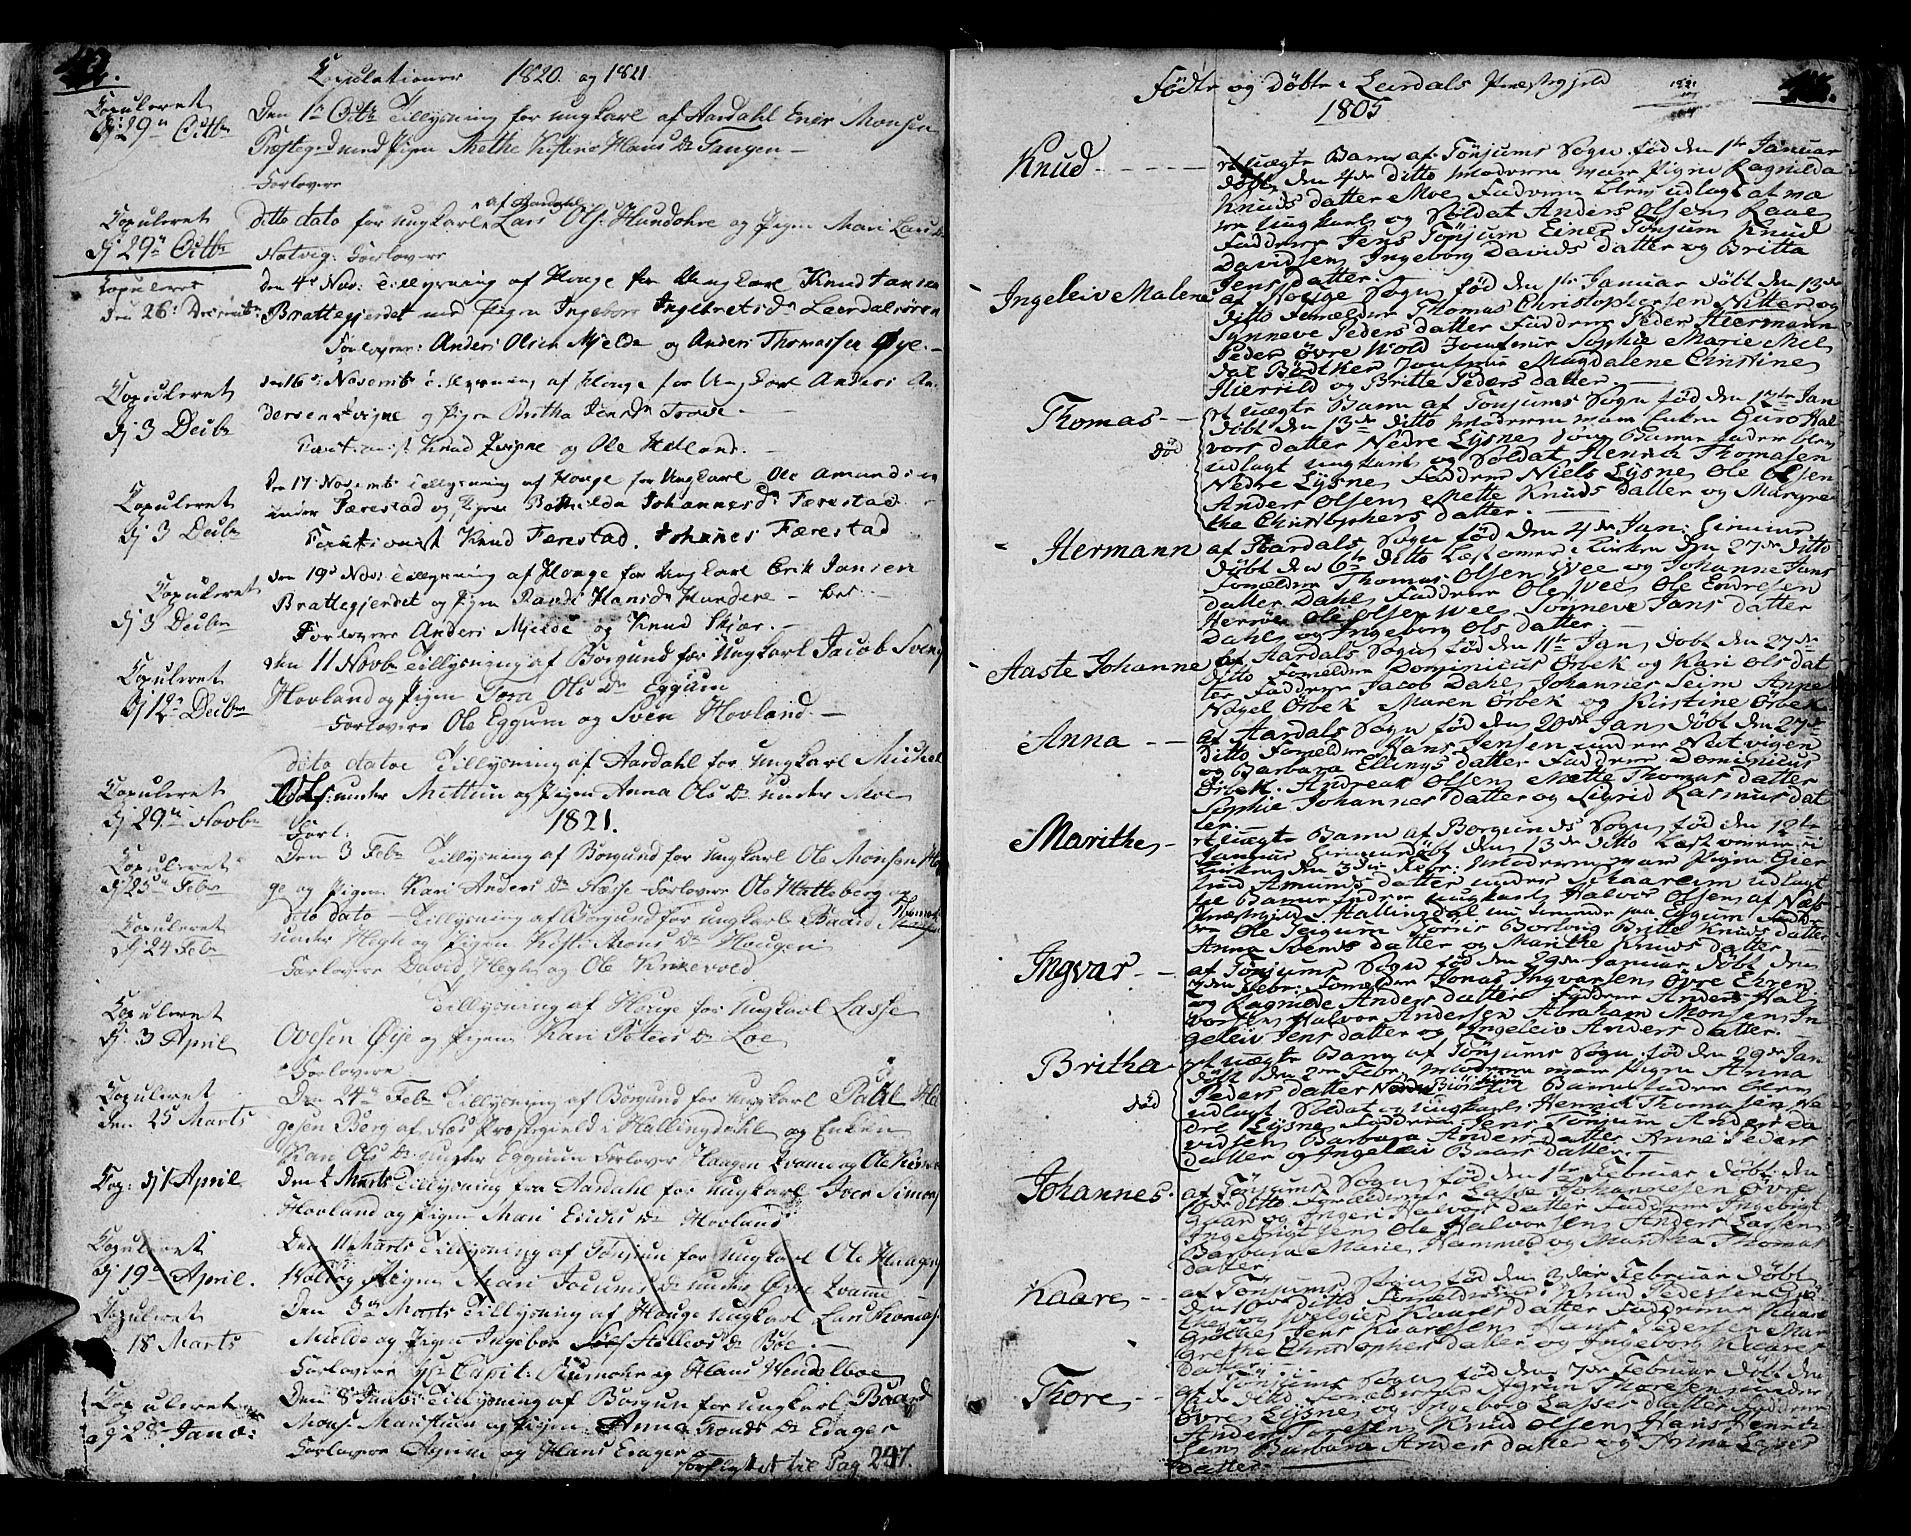 SAB, Lærdal sokneprestembete, Ministerialbok nr. A 4, 1805-1821, s. 42-43